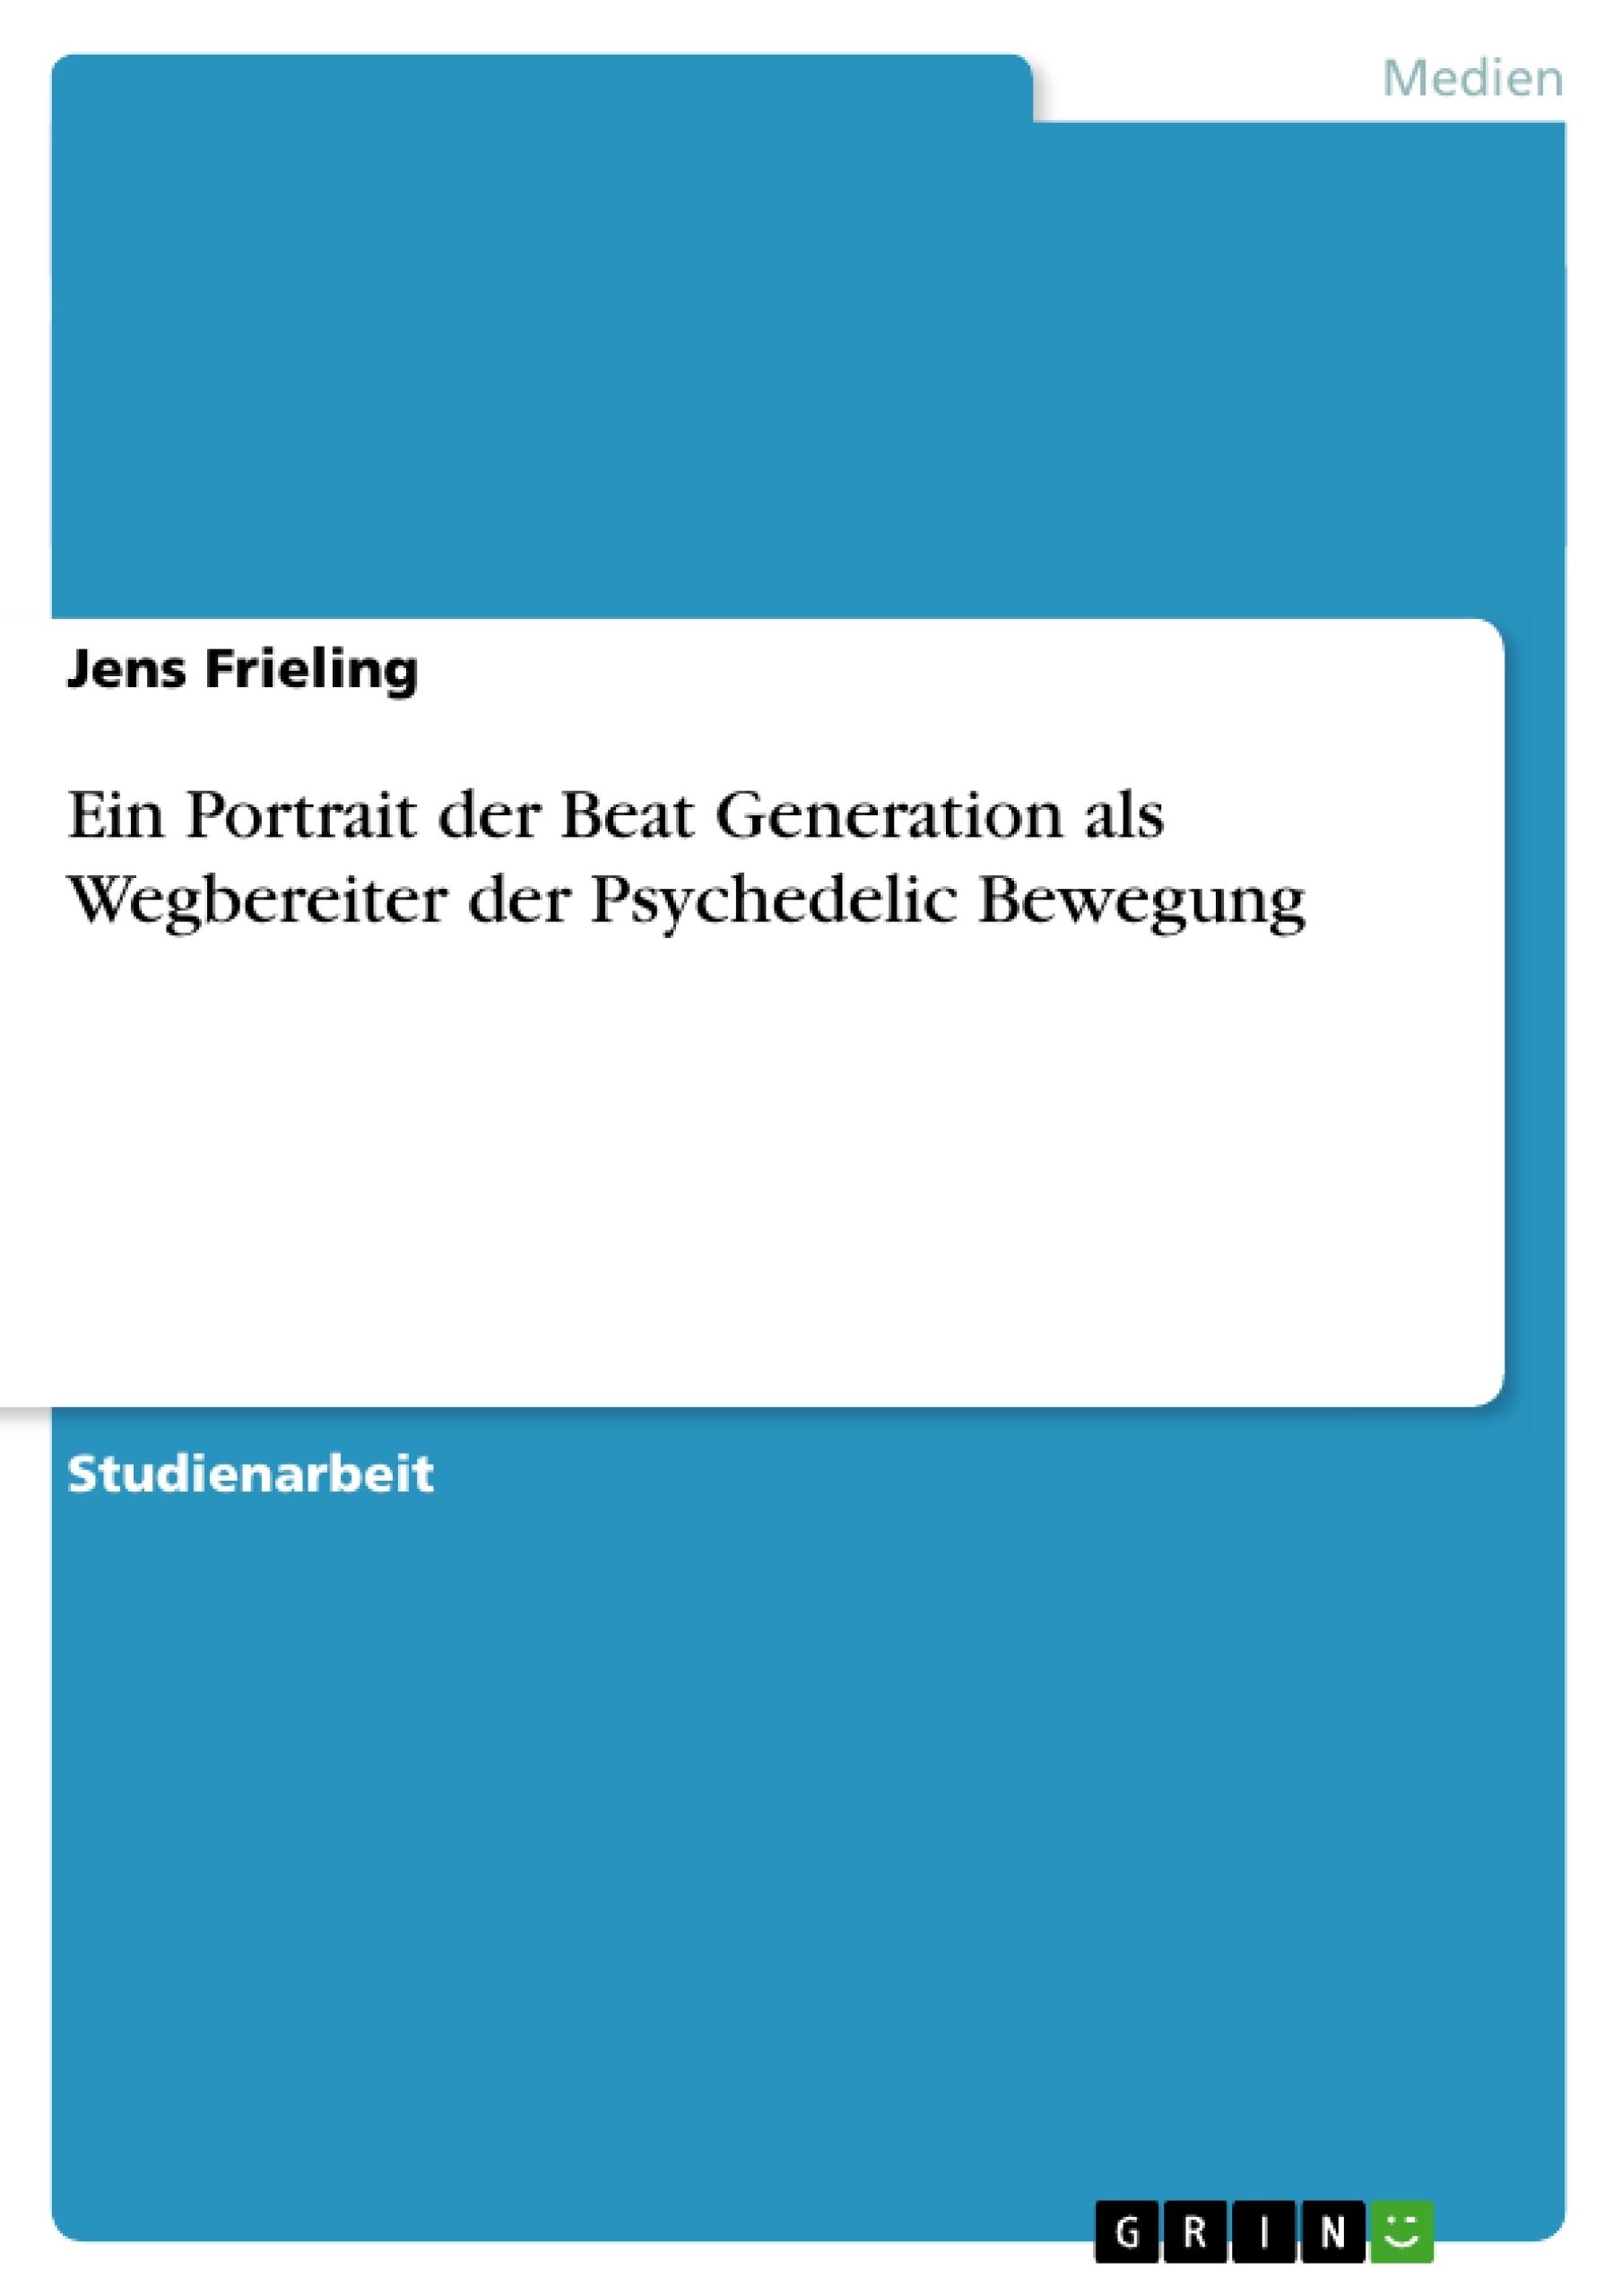 Titel: Ein Portrait der Beat Generation als Wegbereiter der Psychedelic Bewegung